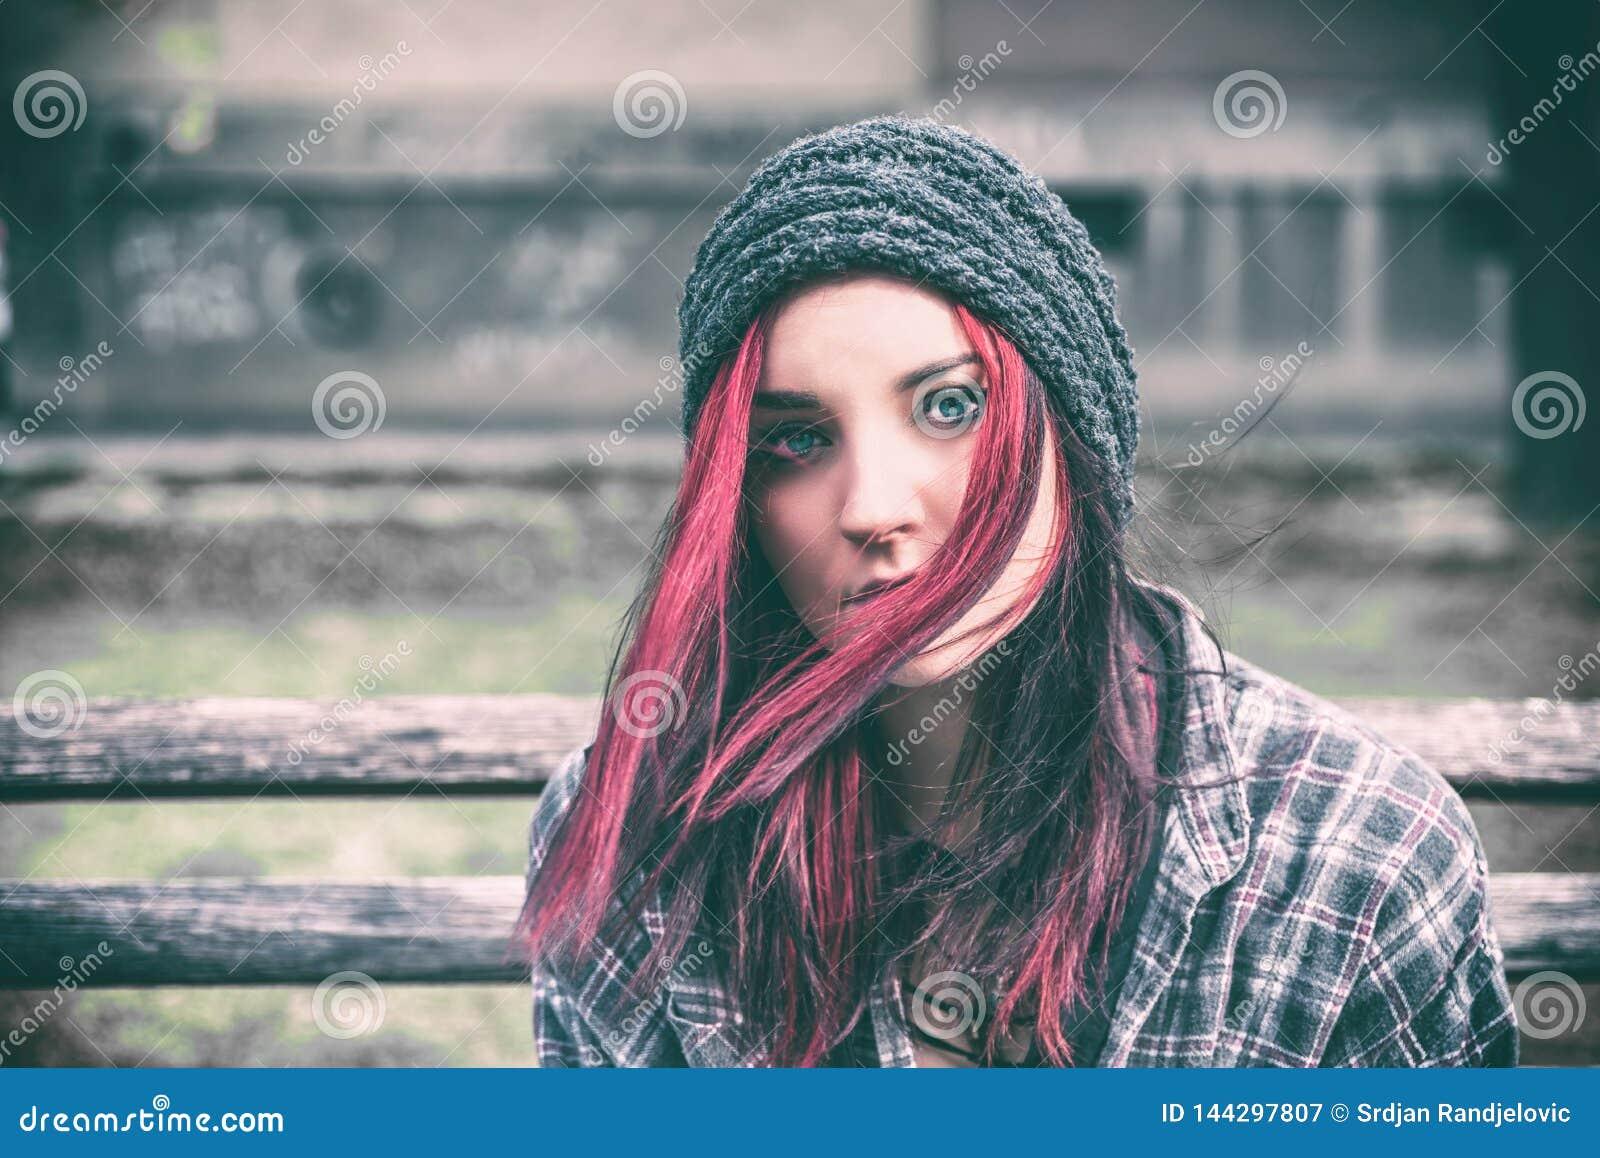 Obdachloses Mädchen, junges rotes Haarmädchen, das allein draußen mit Hut sitzen und Hemd besorgt und deprimiert, nachdem sie ein